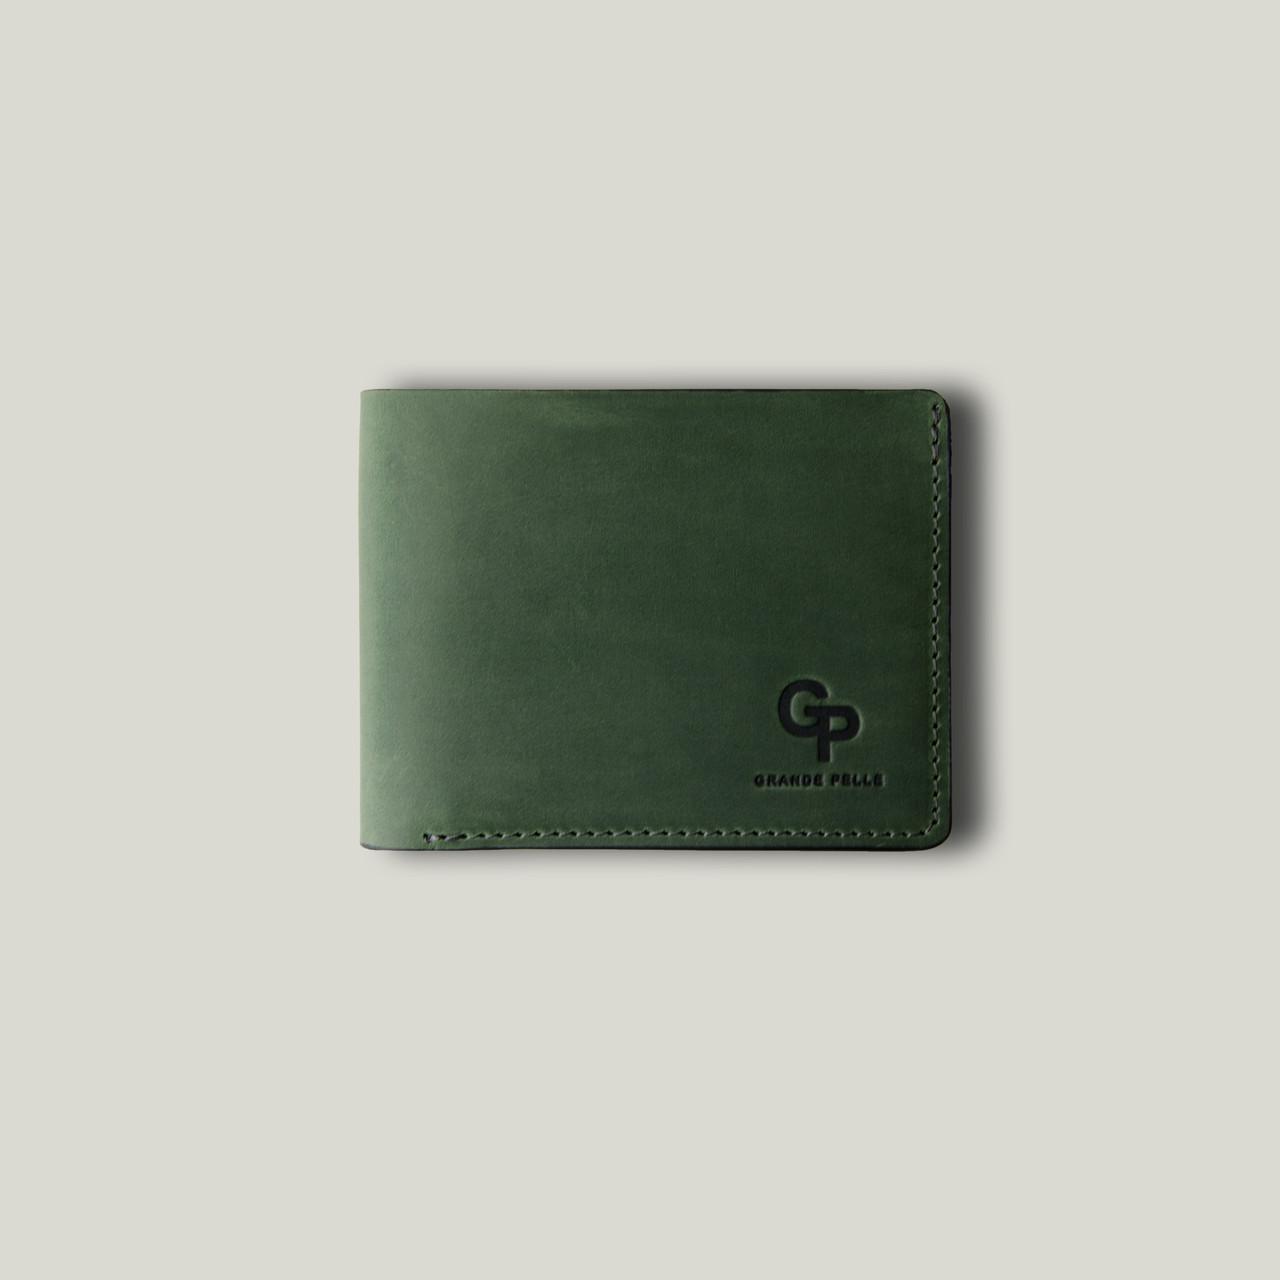 Портмоне Onda, зеленый матовый